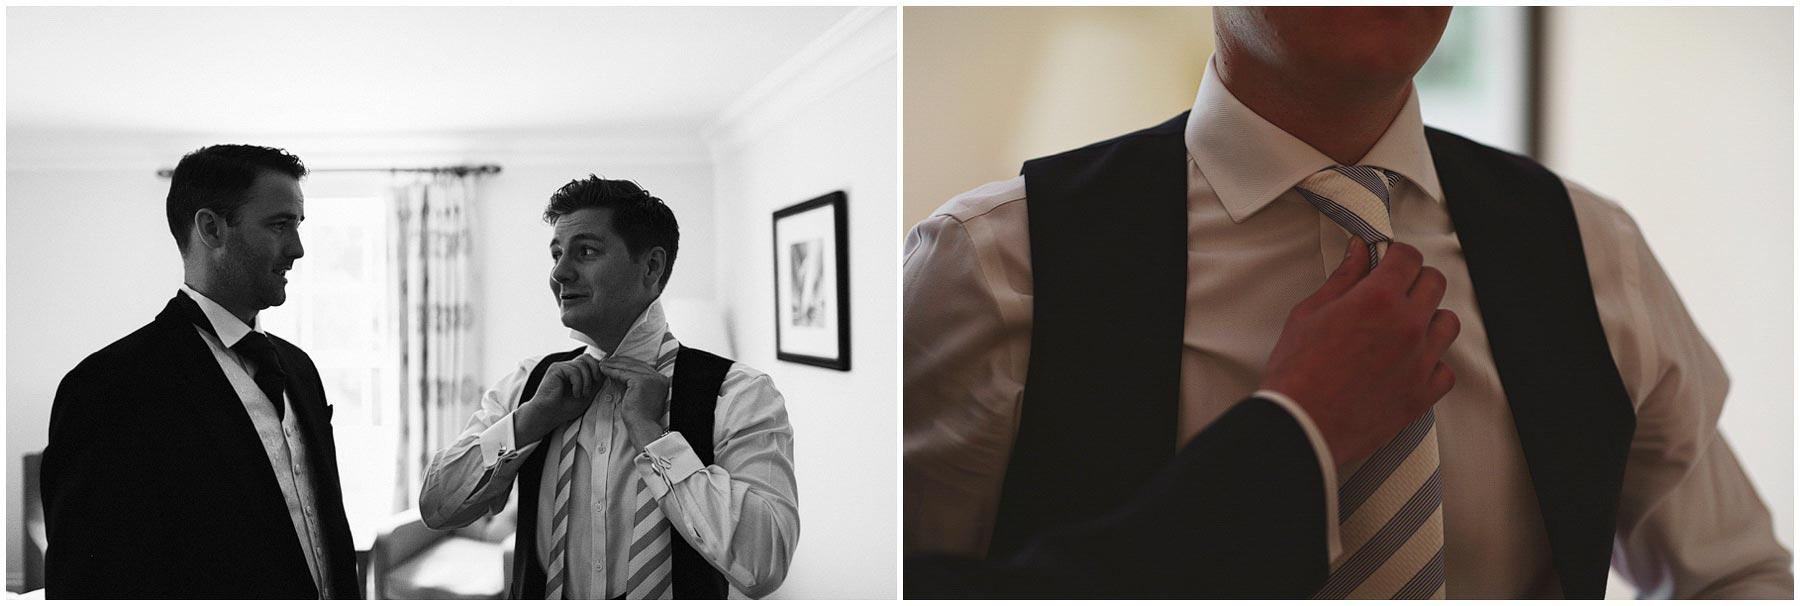 Wentbridge-House-Wedding-Photography-31